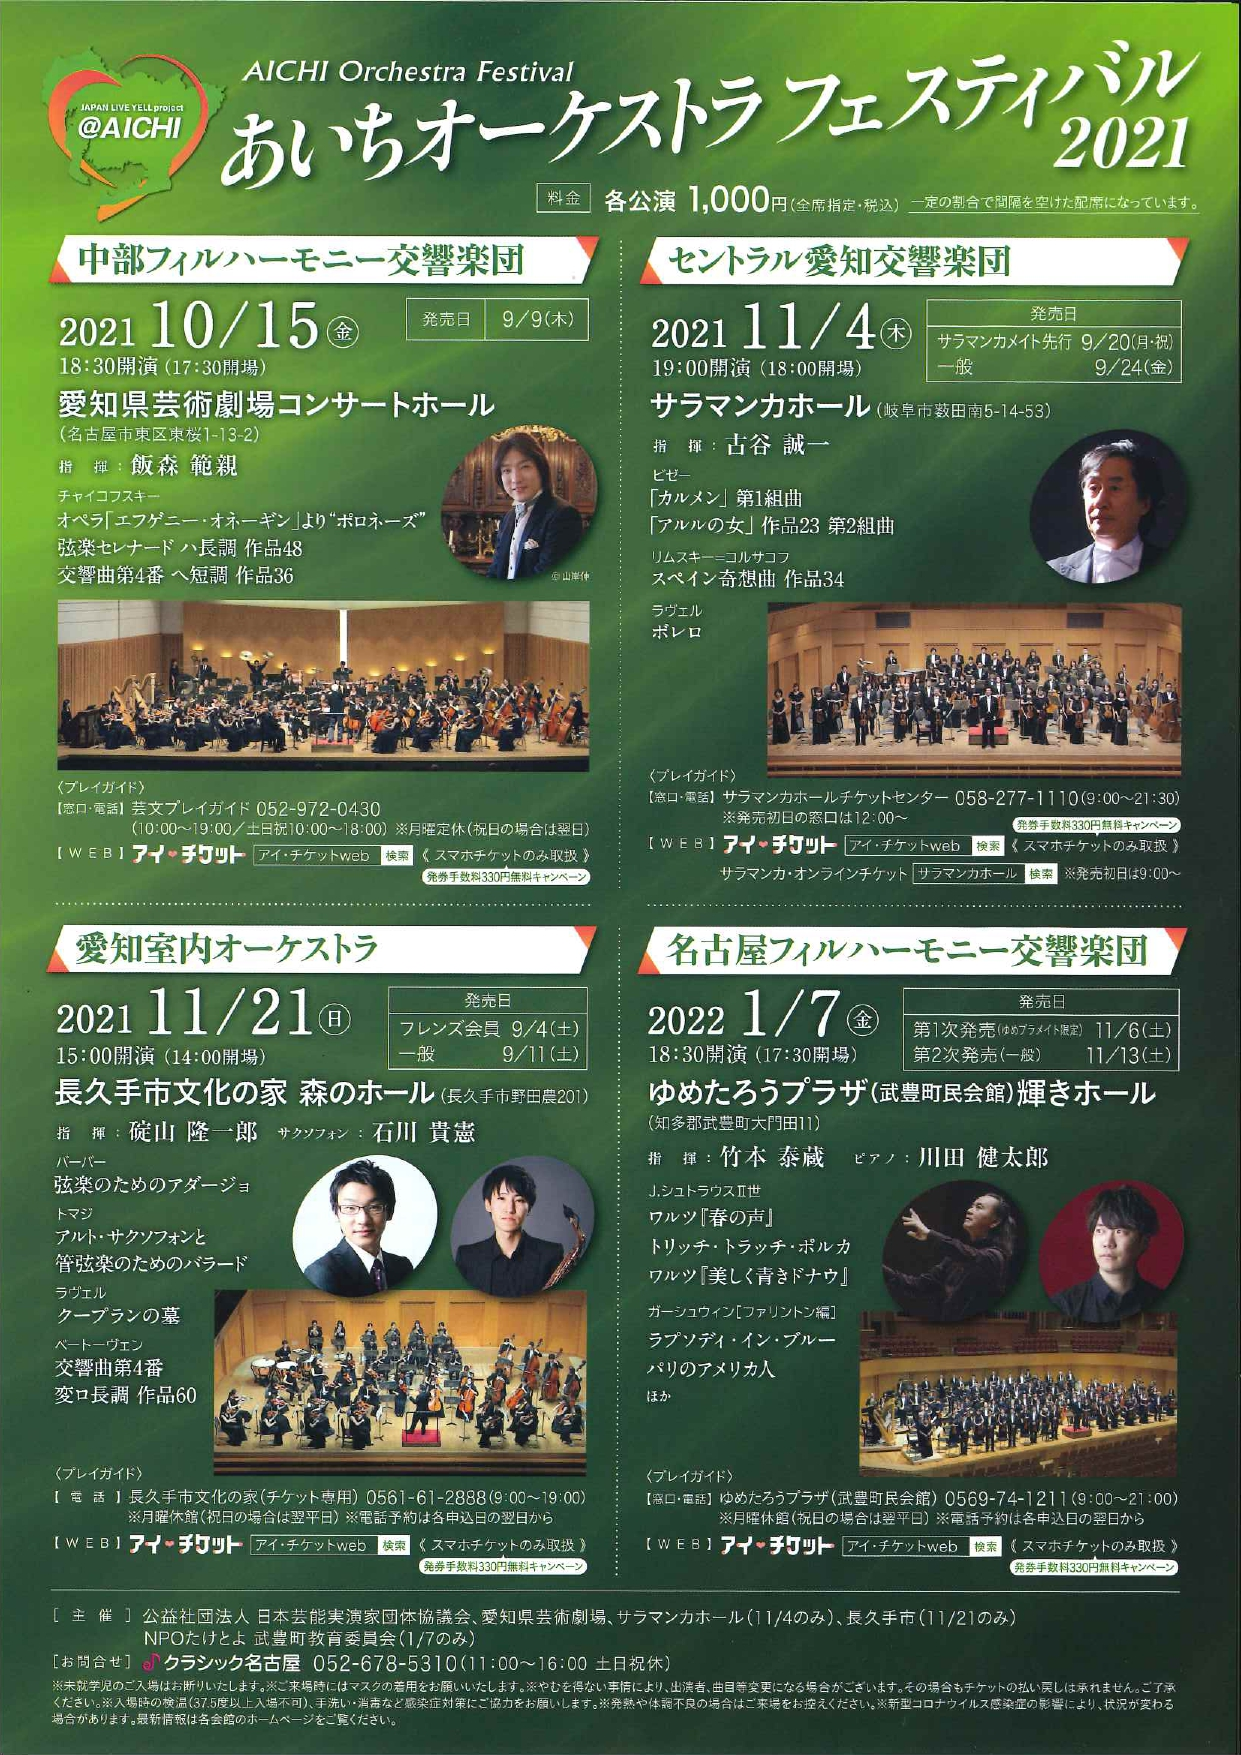 あいちオーケストラフェスティバル2021 セントラル愛知交響楽団